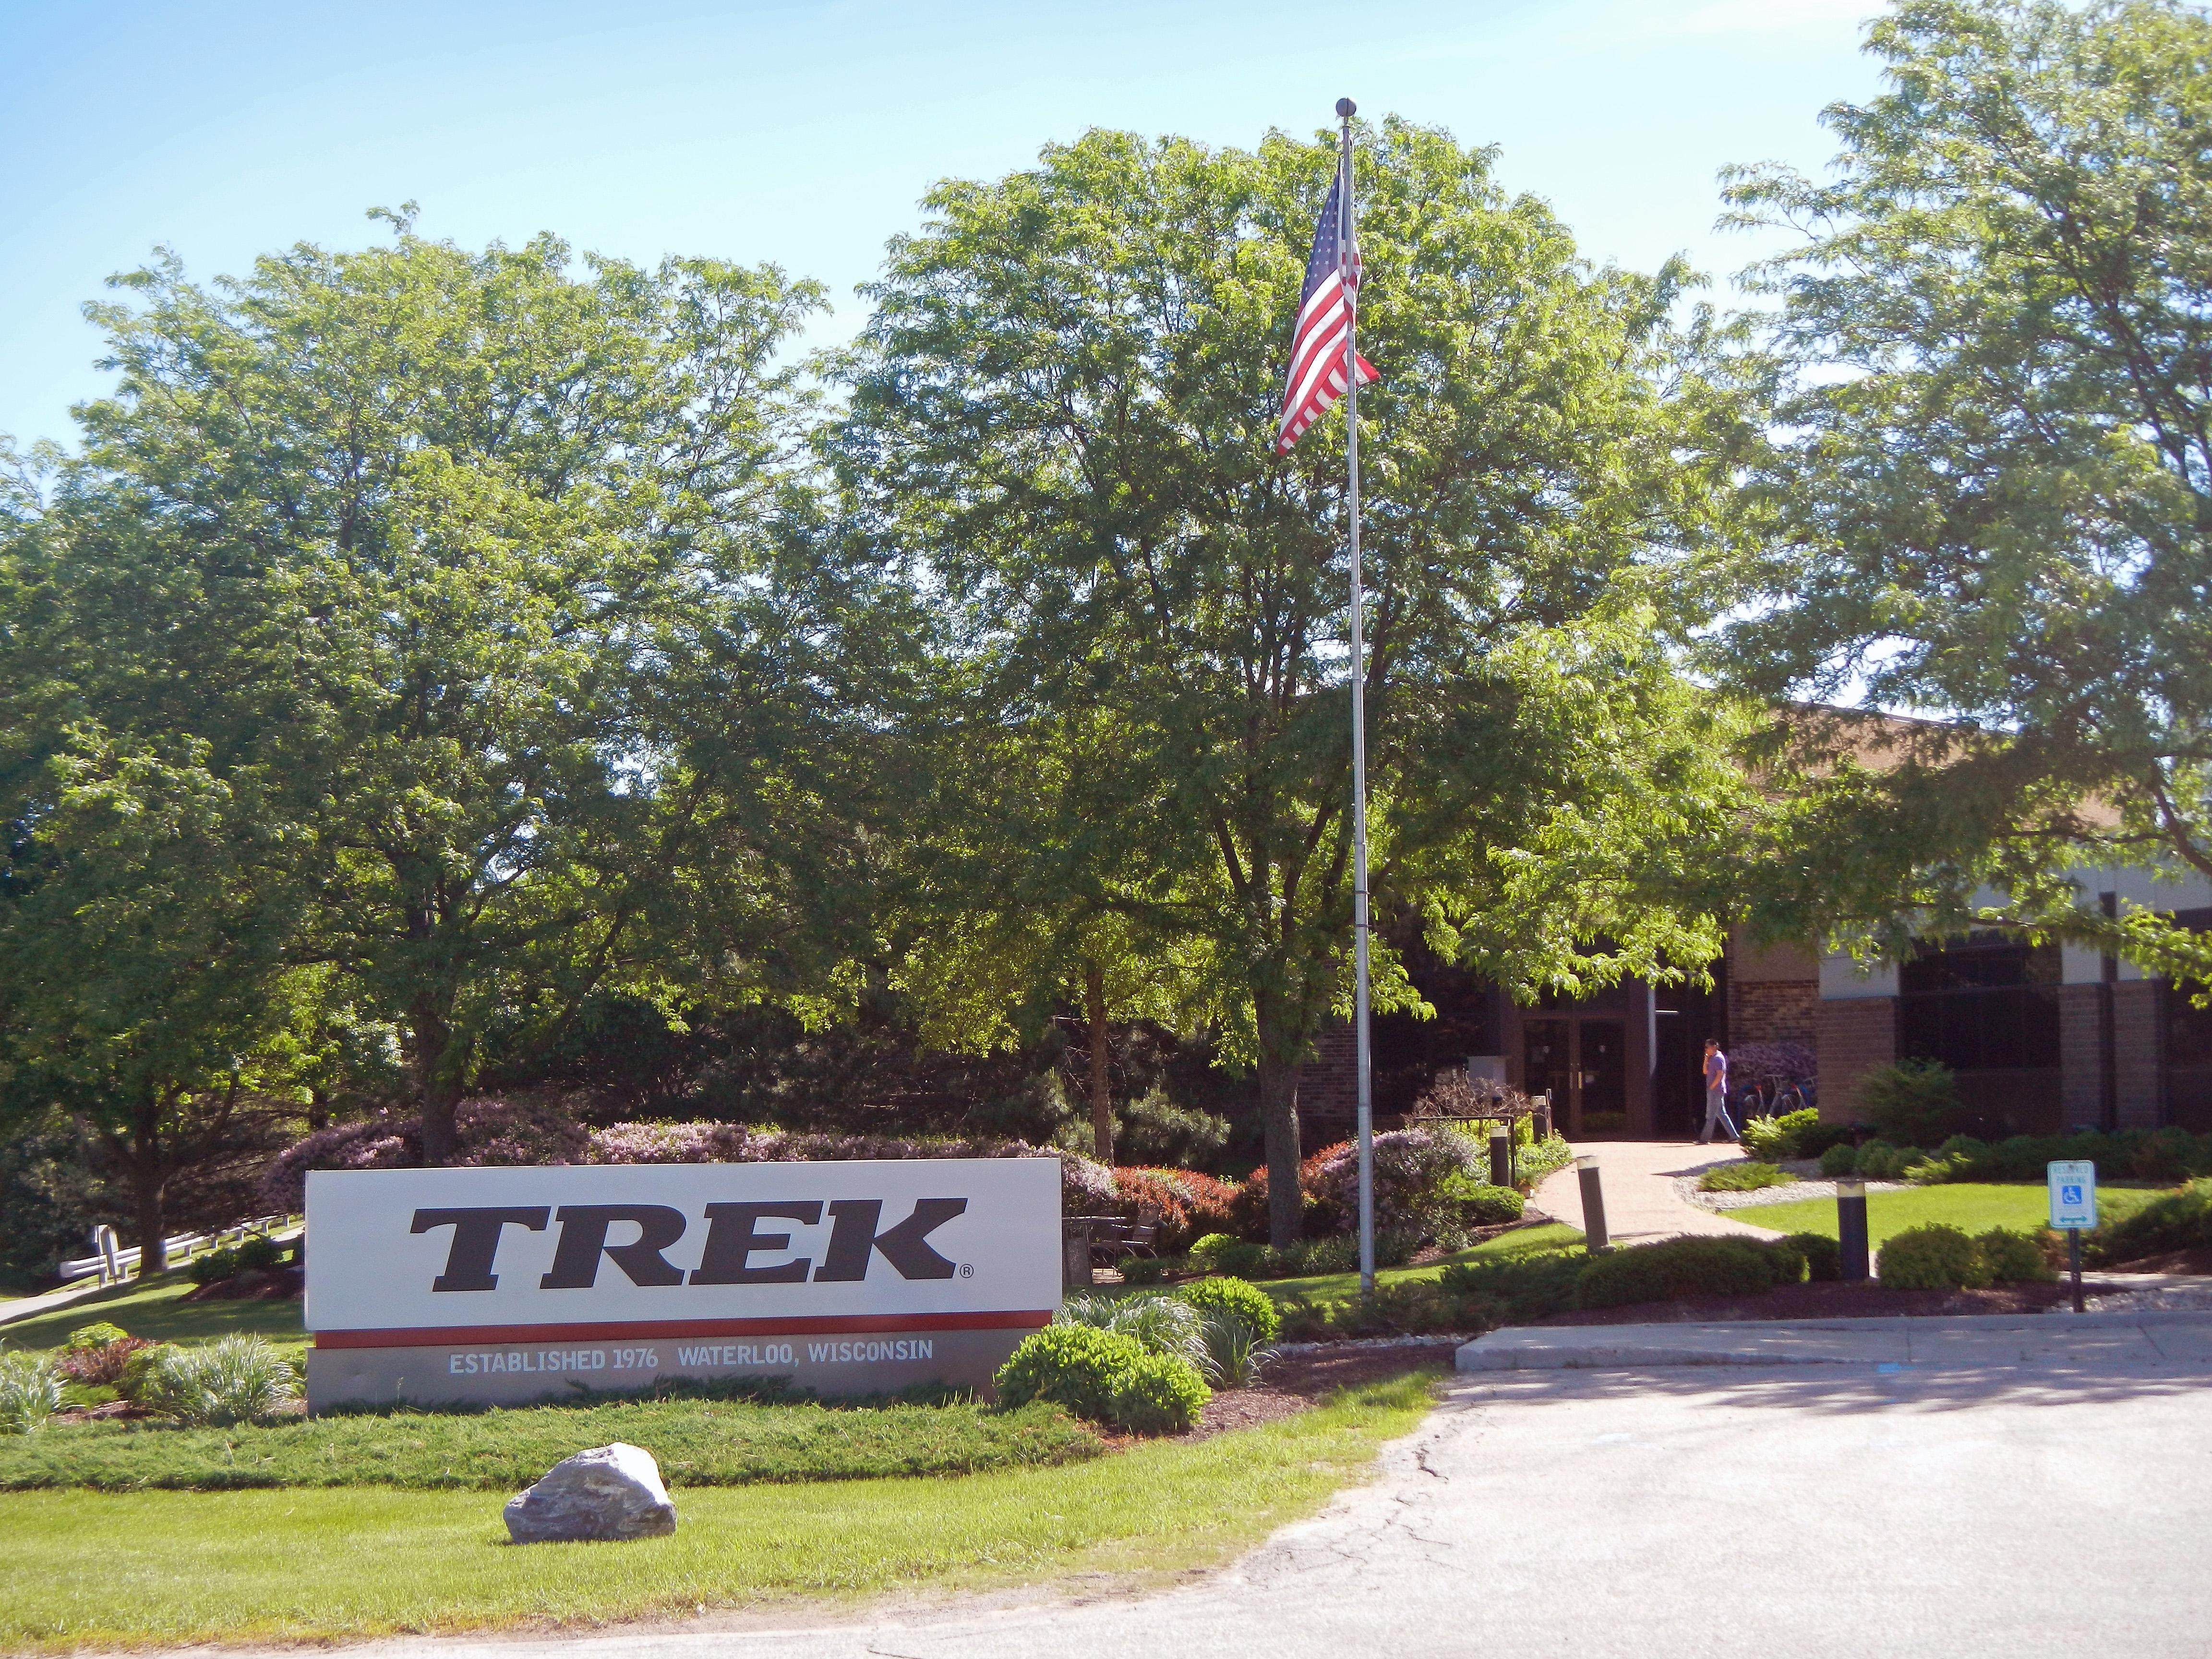 Entrance to Trek headquarters